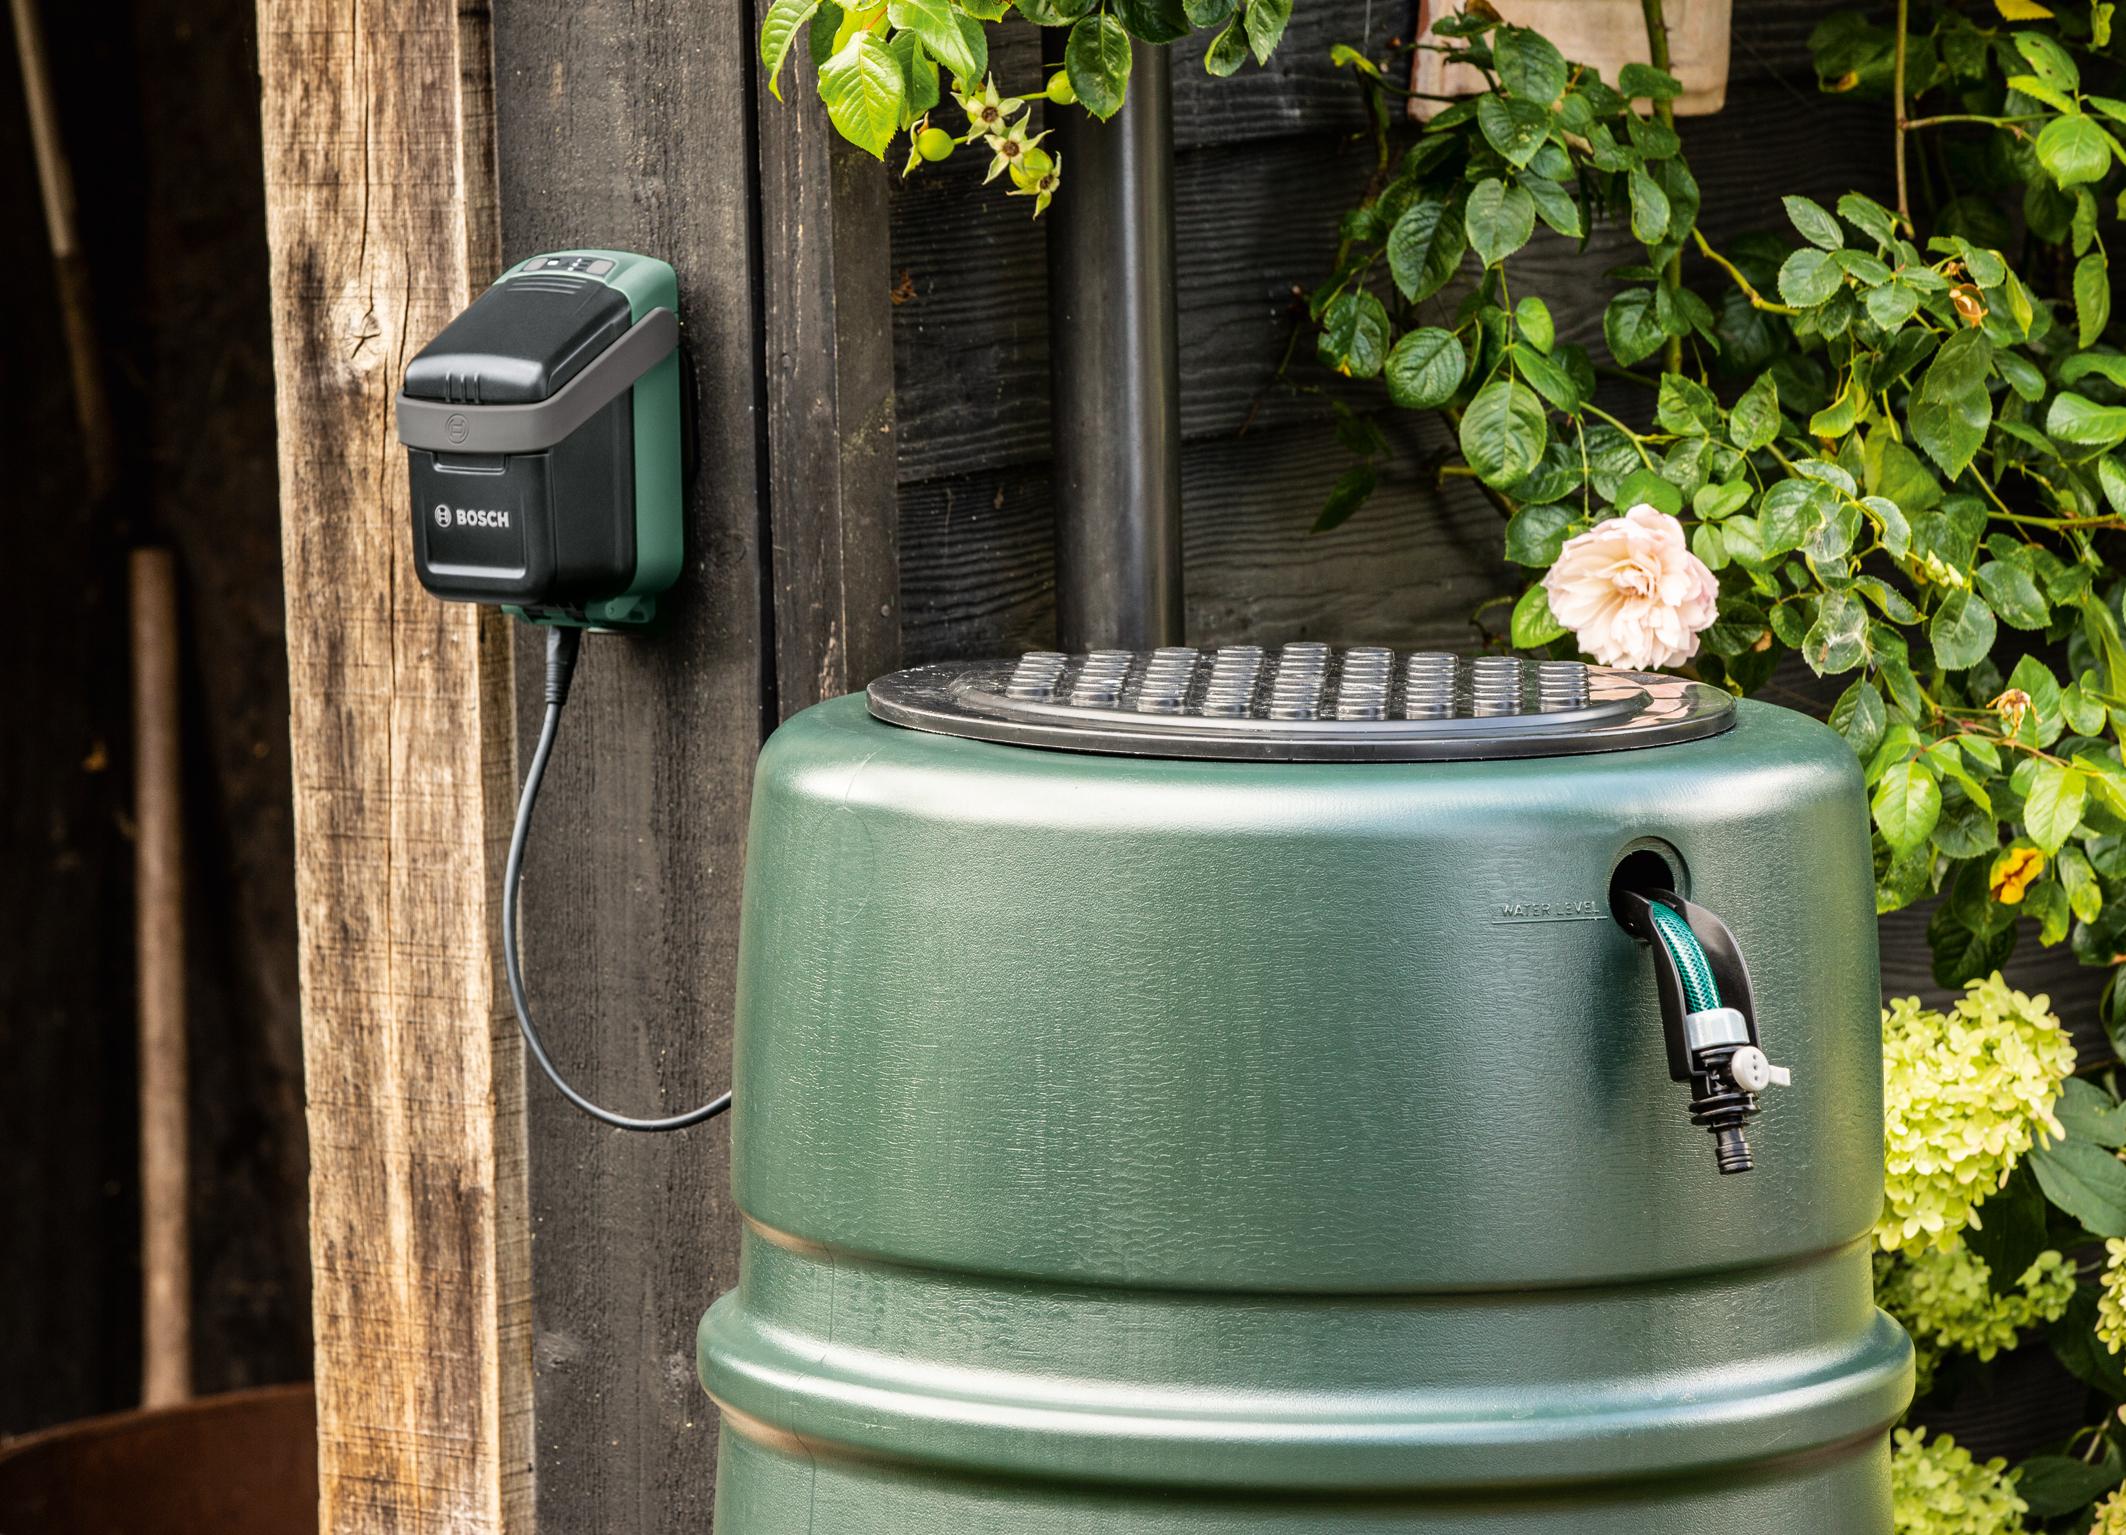 """Pohodlné a udržitelné zalévání zahrady: První akumulátorové dešťové čerpadlo v systému """"Power for All"""" od společnosti Bosch"""